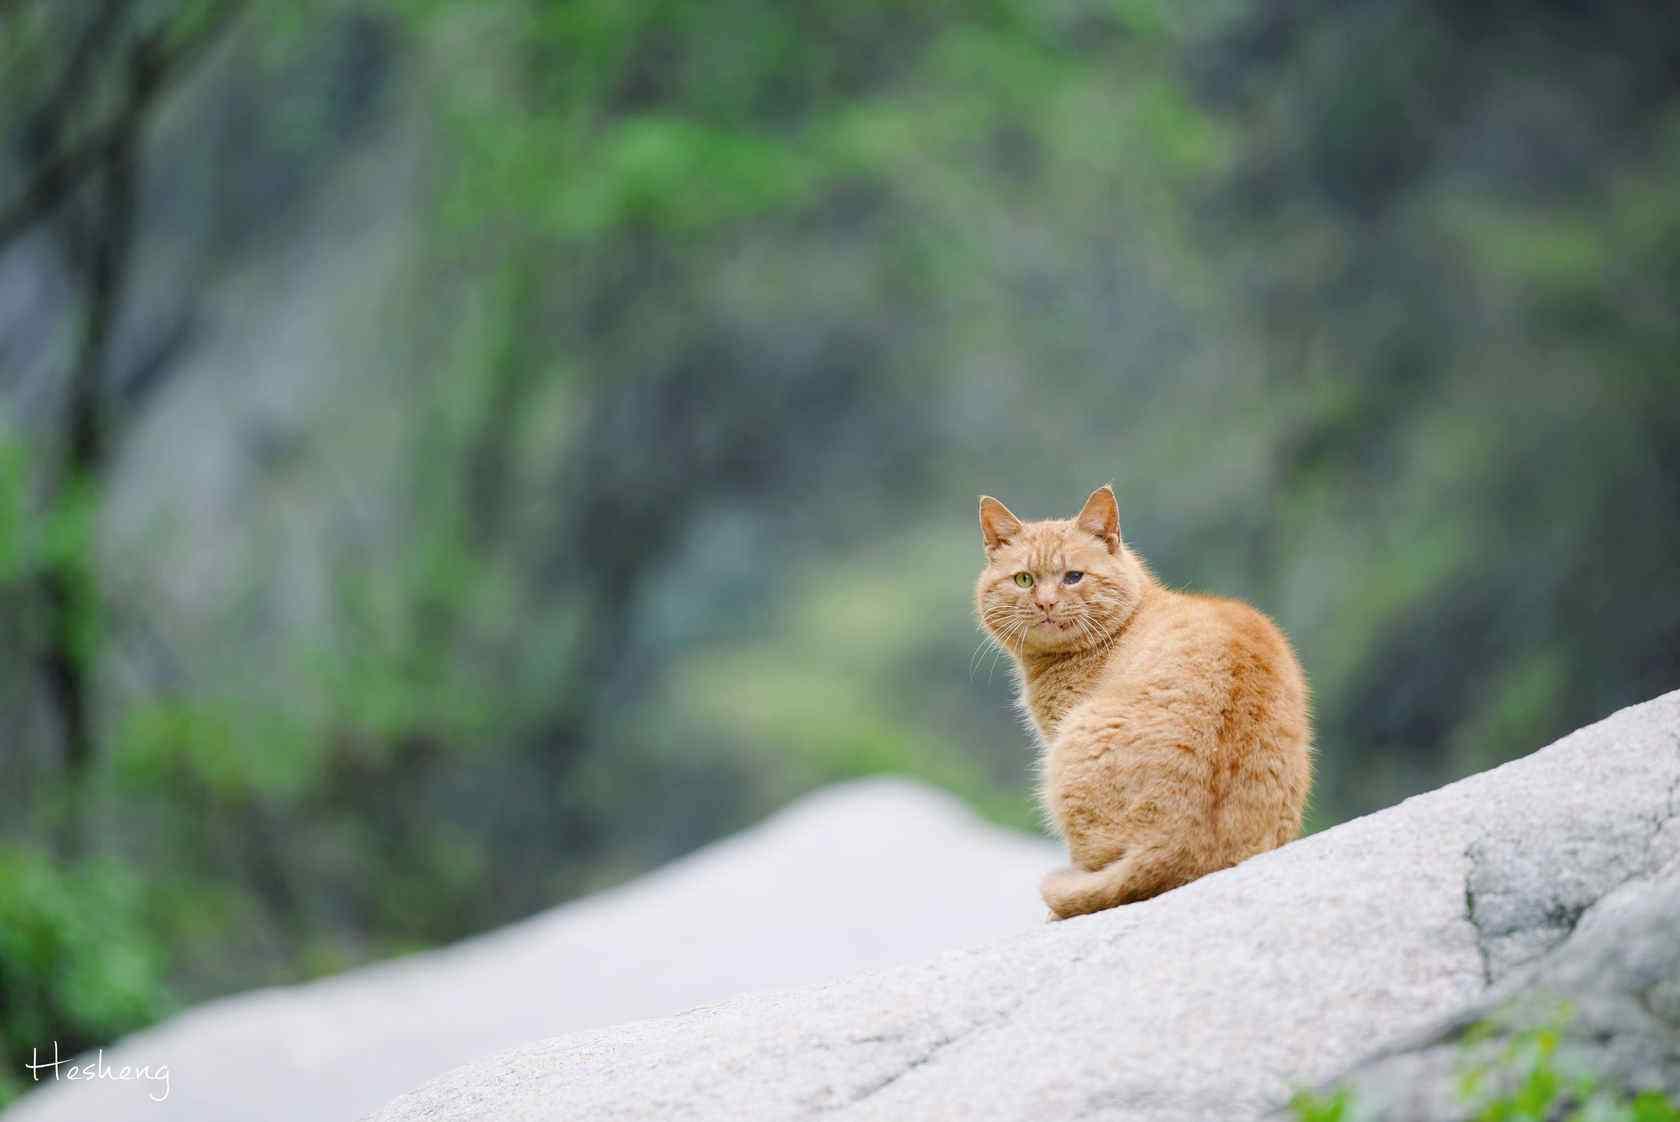 华山上的可爱小橘猫桌面壁纸